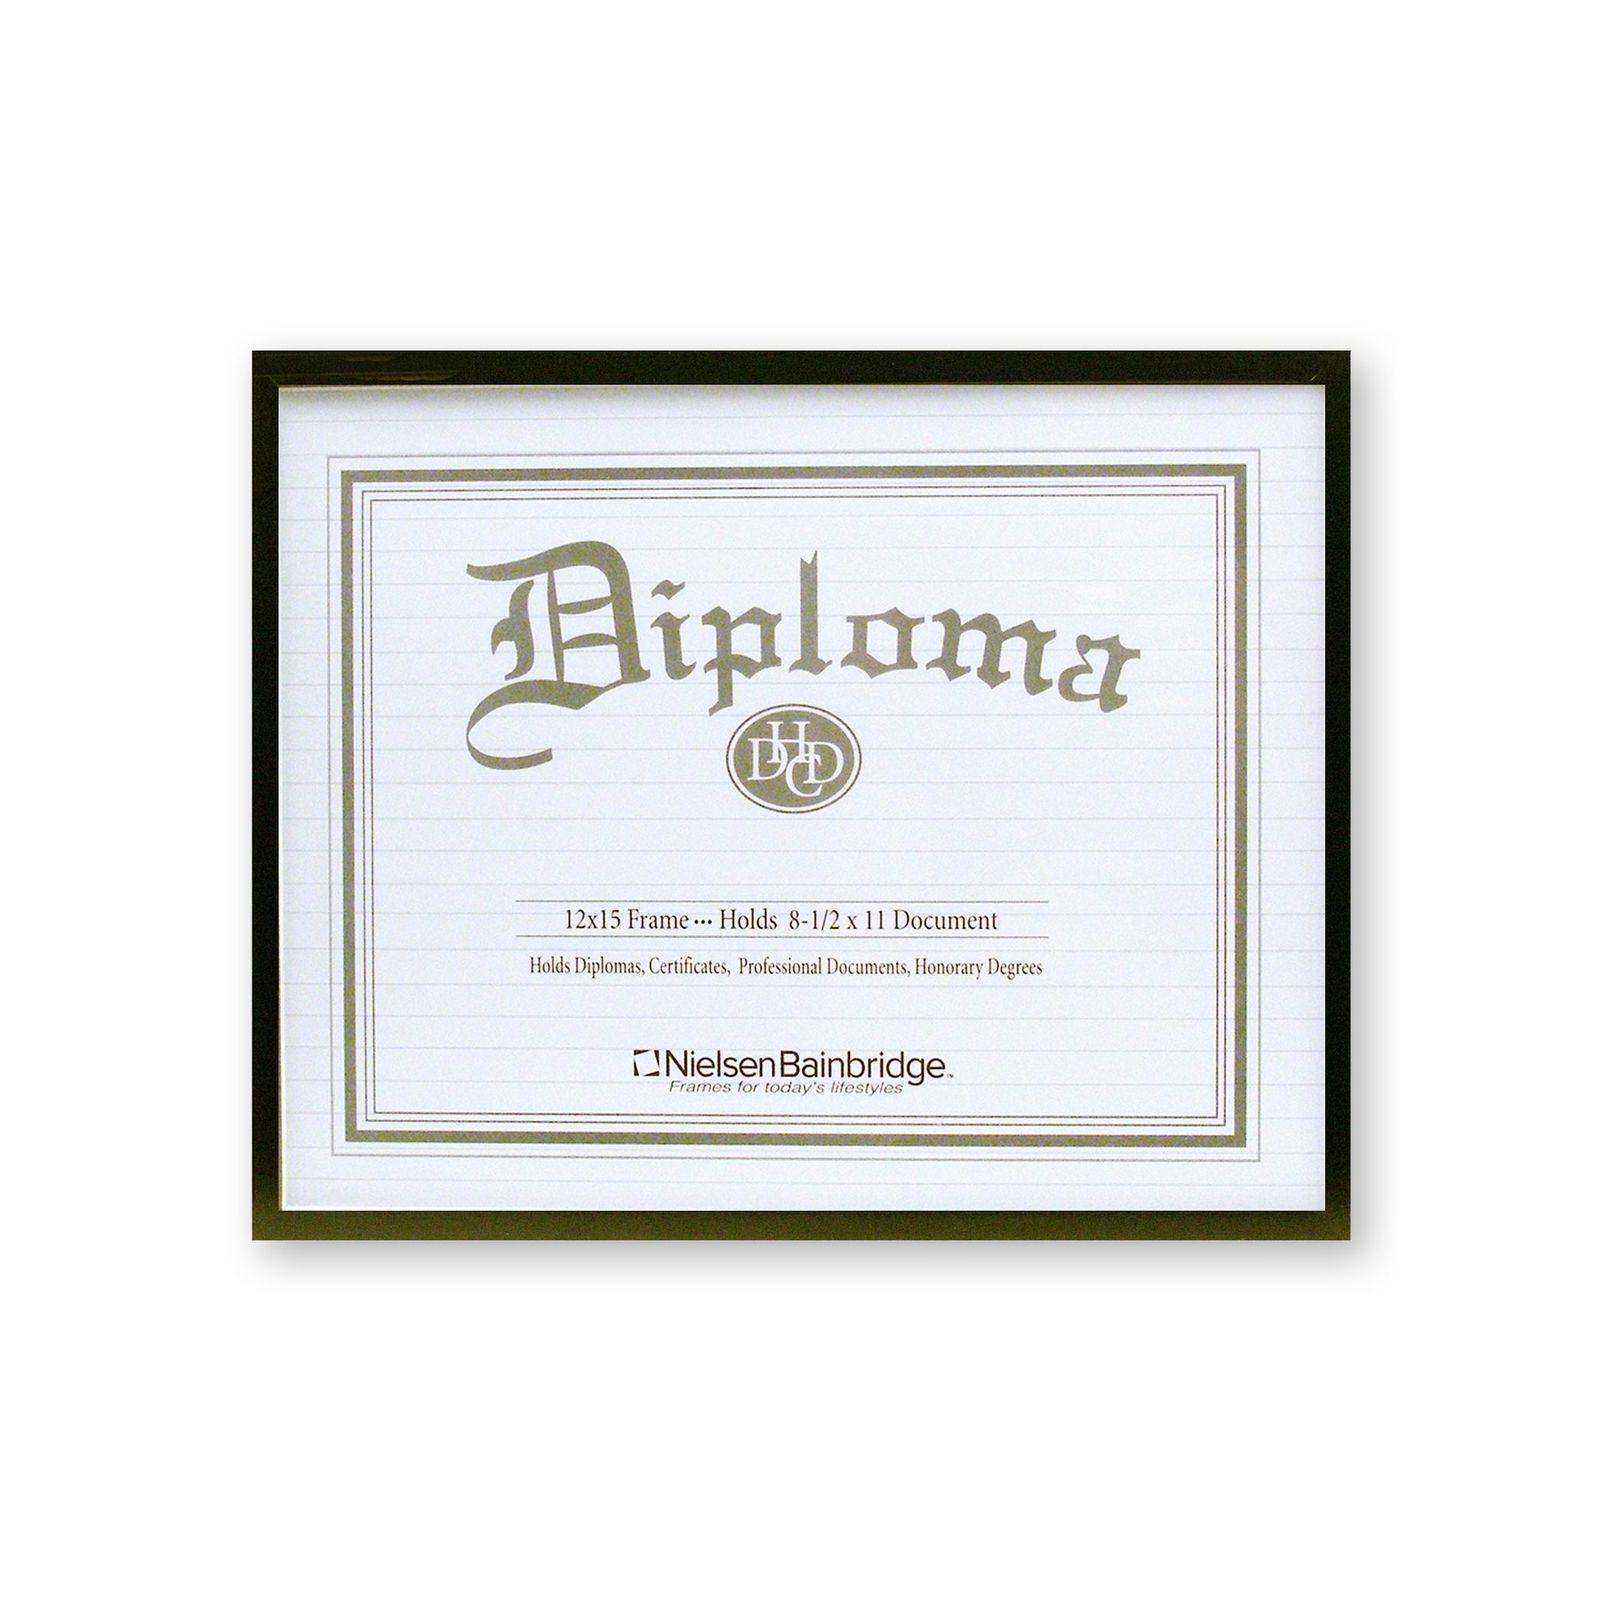 Nielsen Bainbridge Certificate Frame (8 1/2 in. x 11 in.)...